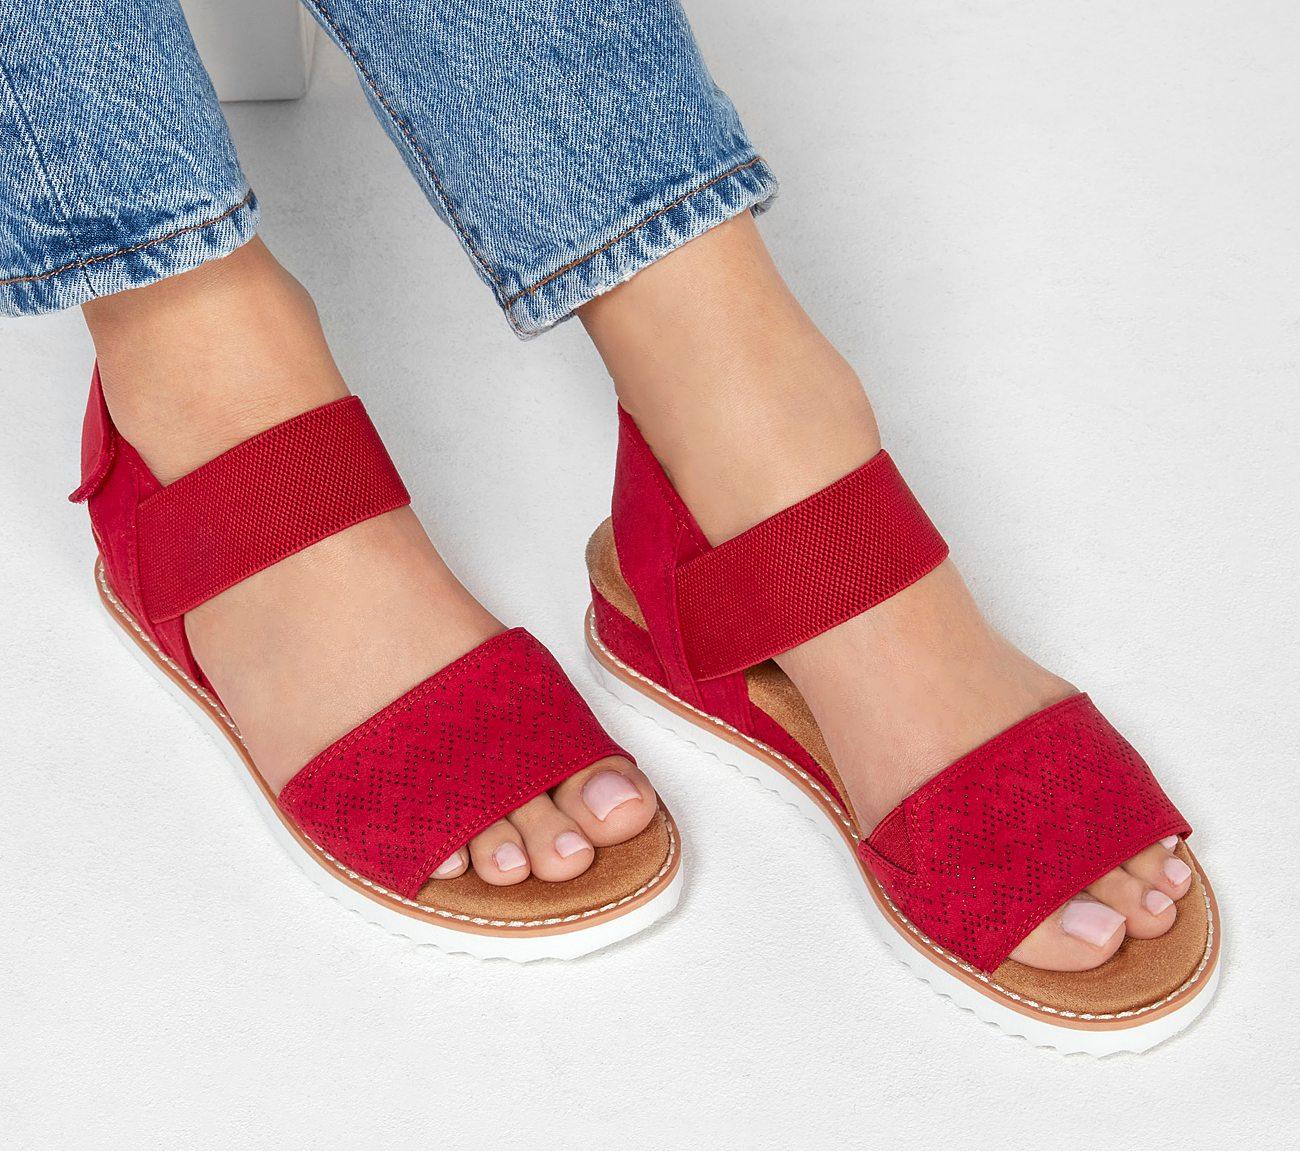 b6c871f87b3ca Buy SKECHERS BOBS Desert Kiss SKECHERS Bobs Shoes only £45.00